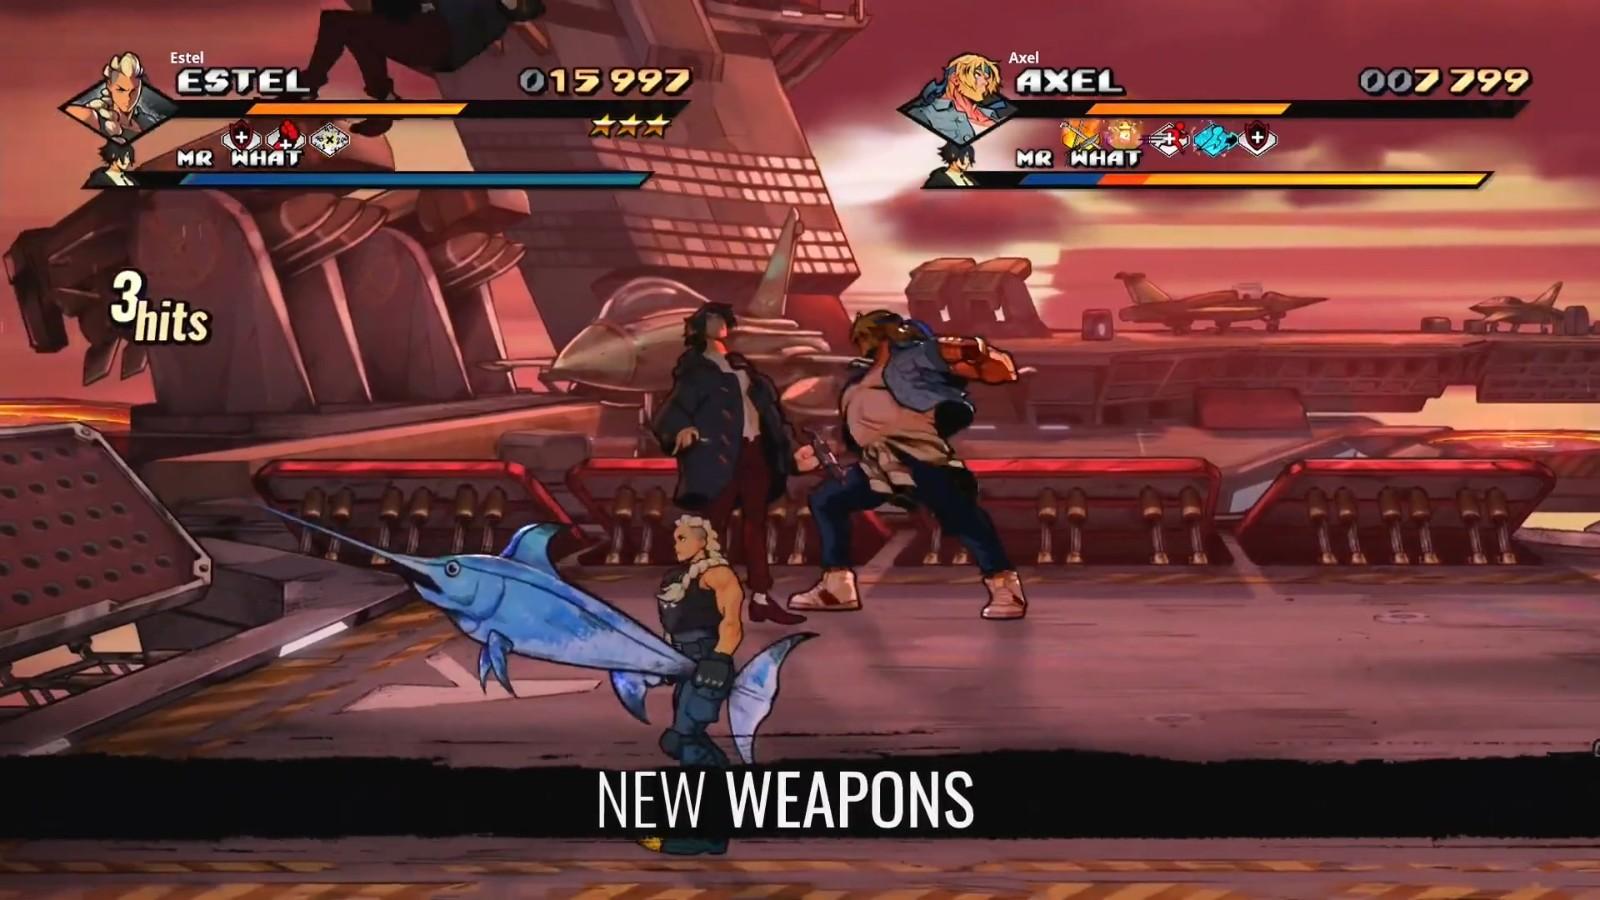 """《怒之铁拳4》DLC""""X噩梦先生""""公布 游戏下载量破250万"""